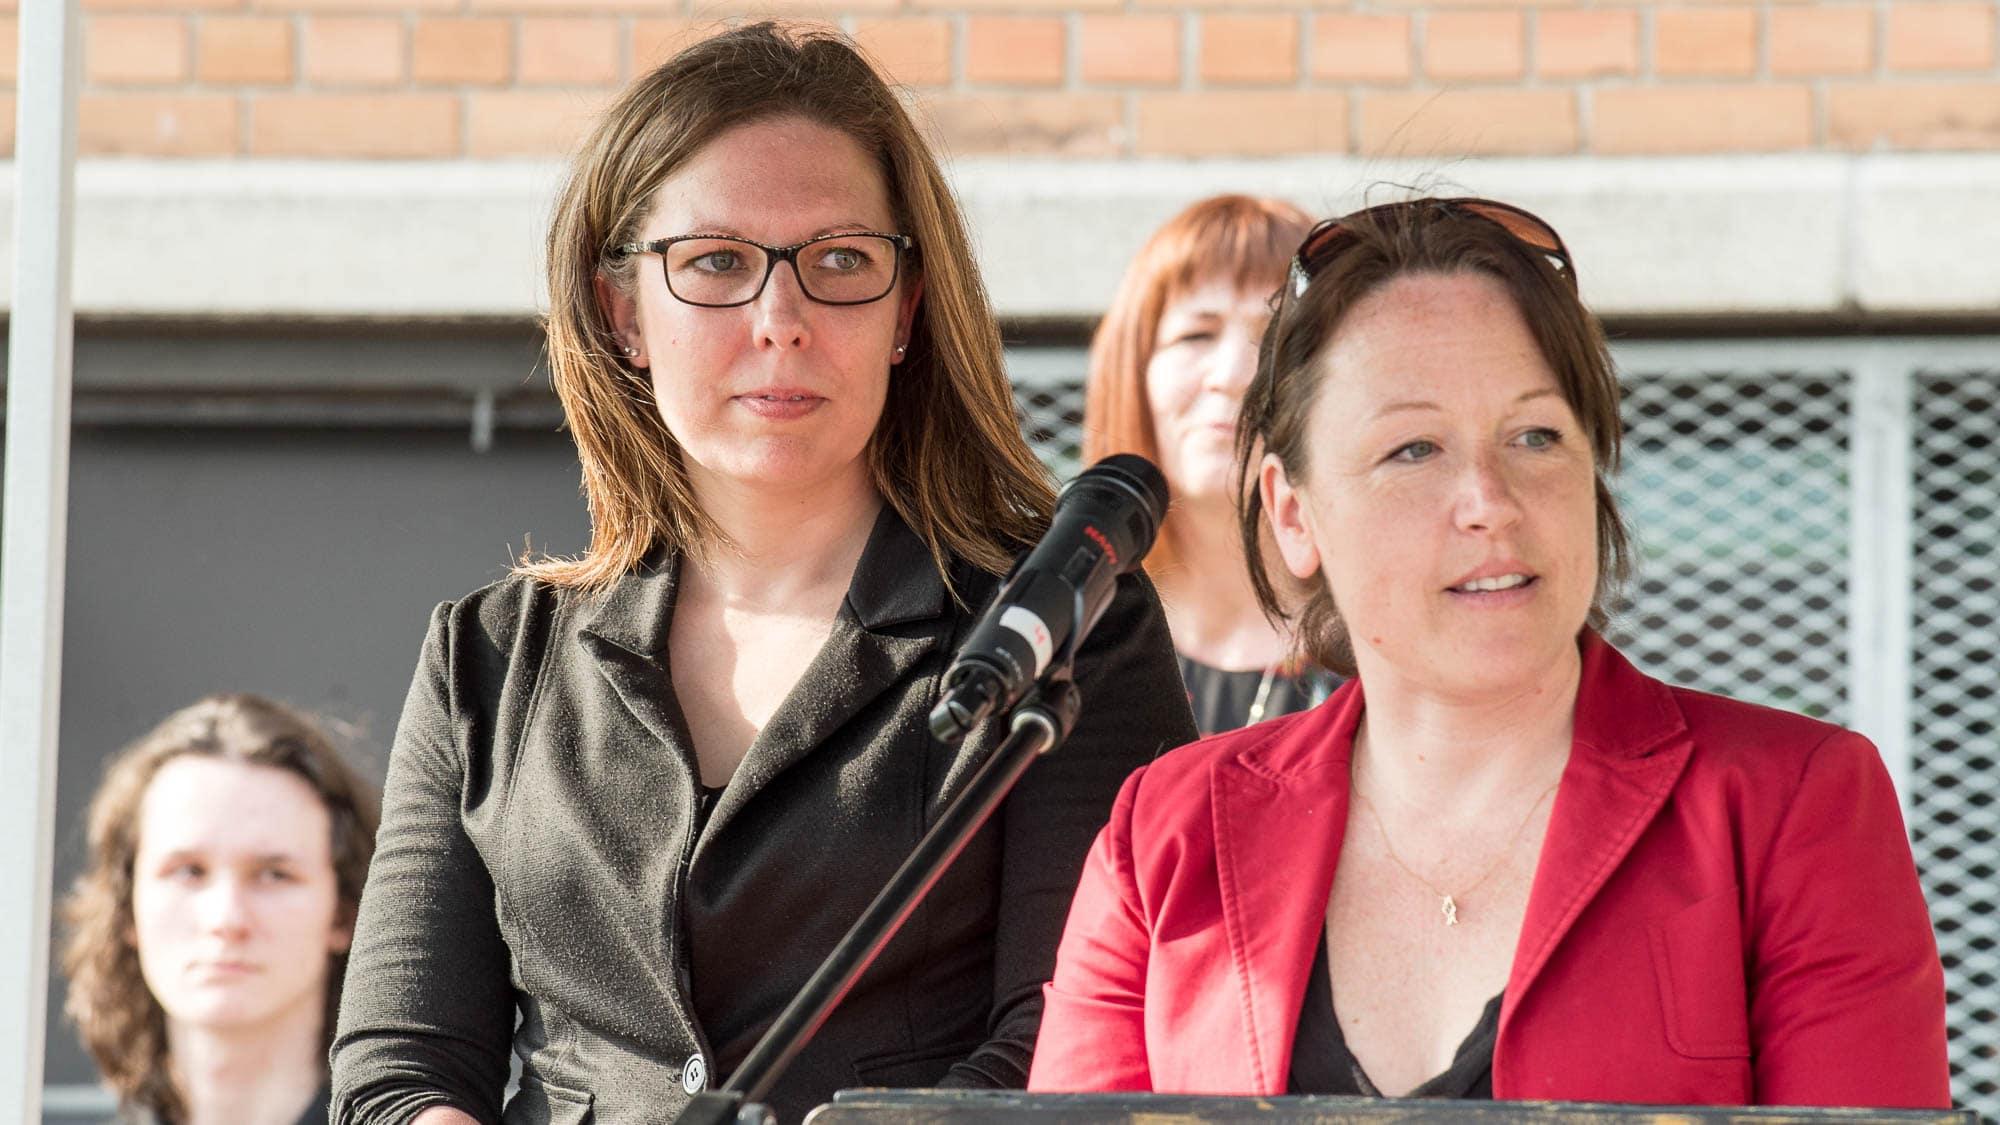 Stéphanie Chaput et Mélanie Pagé, respectivement vice-présidente et présidente du conseil d'établissement, ont témoigné de la reconnaissance des parents et élèves de l'école envers tous les responsables du projet.